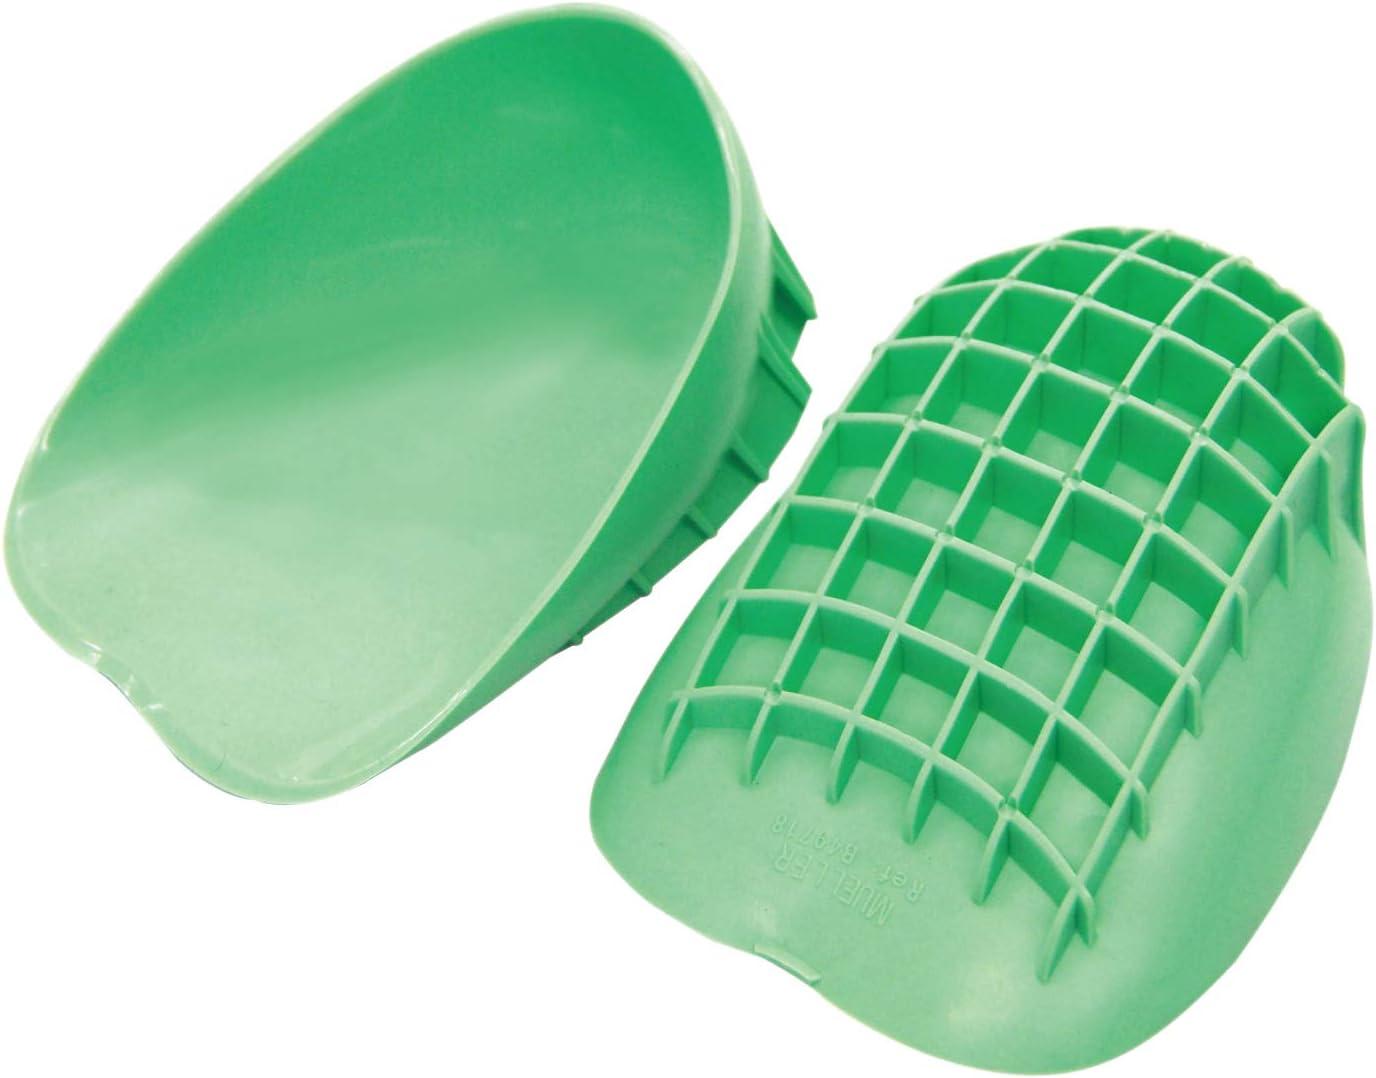 Mueller Be super welcome Sports Medicine Pro Heel Cups Green Sold trend rank P in Regular